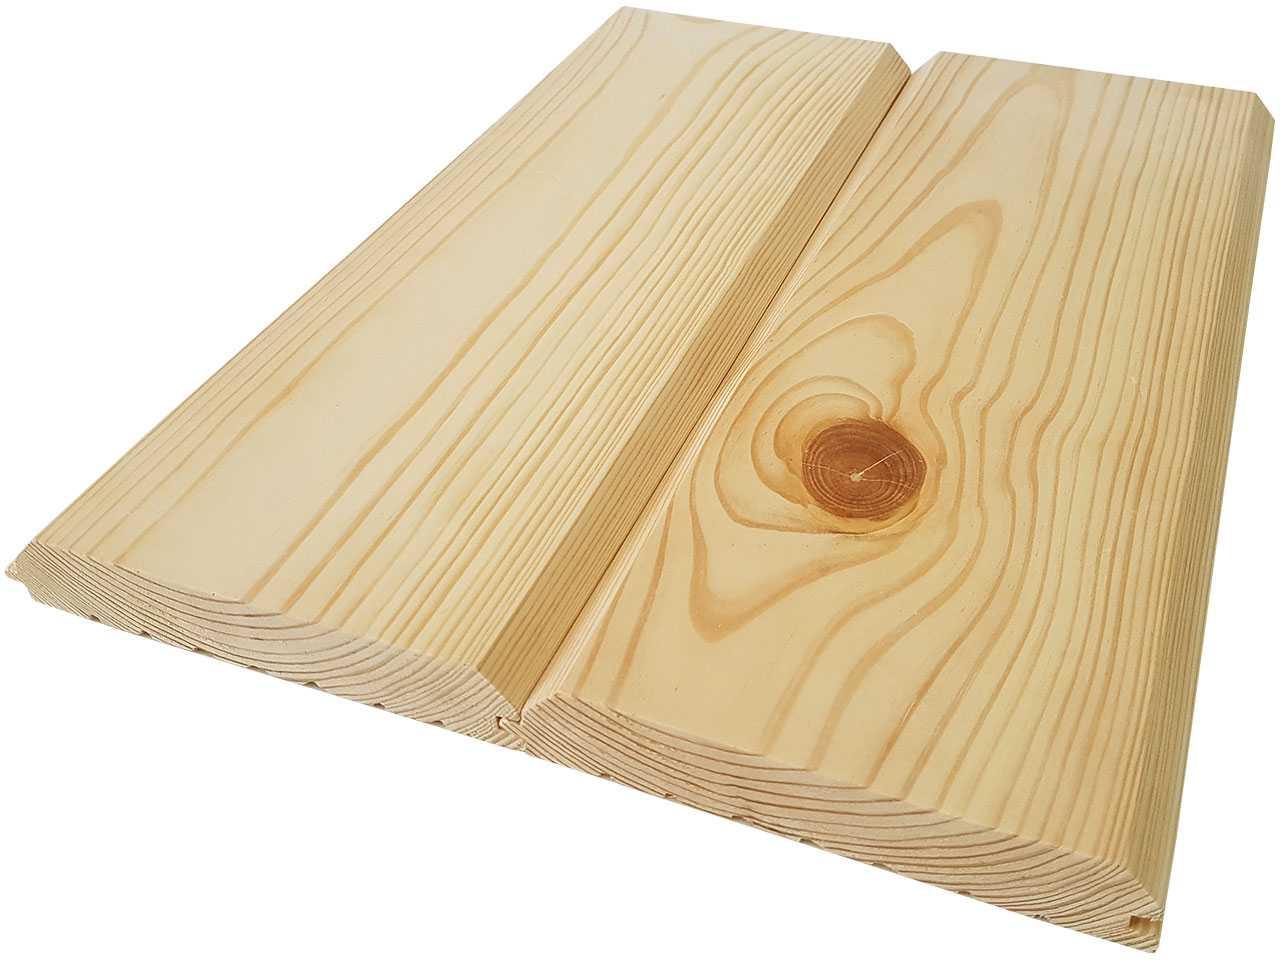 Фальшбрус, имитация бруса из дерева сосны 160x30 мм